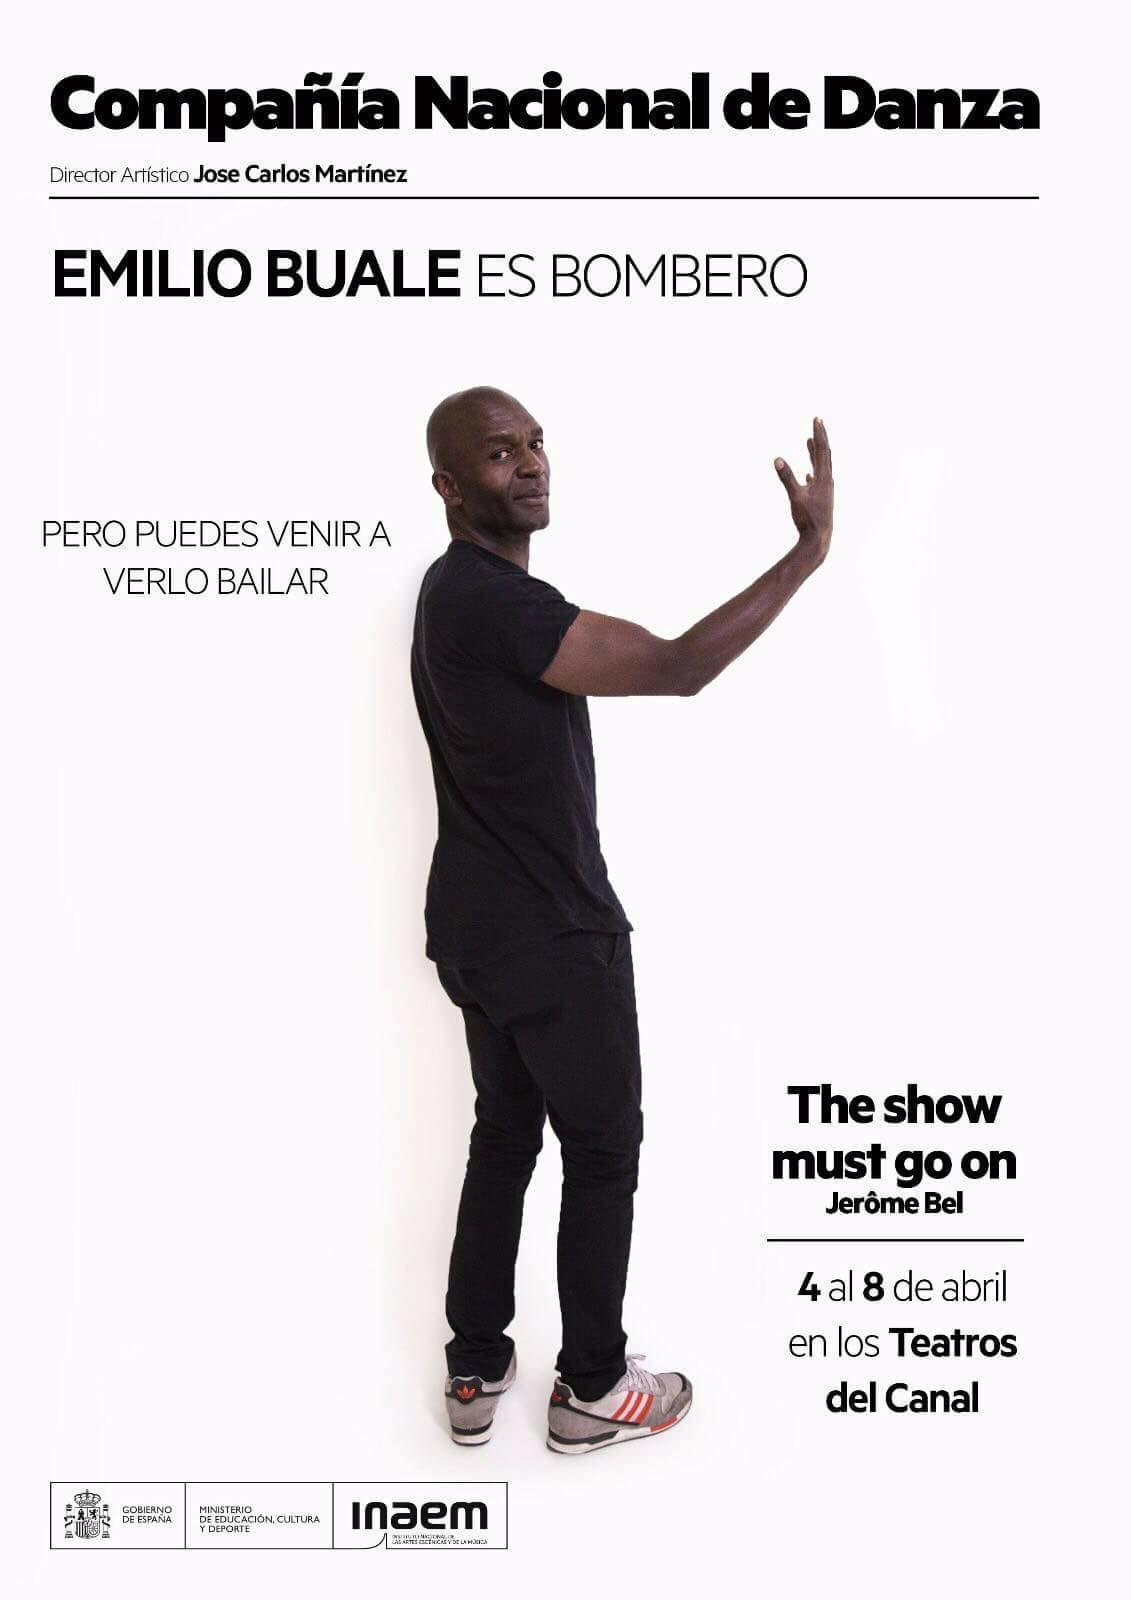 THE SHOW MUST GO ON de Jérôme Bel en los Teatros del Canal